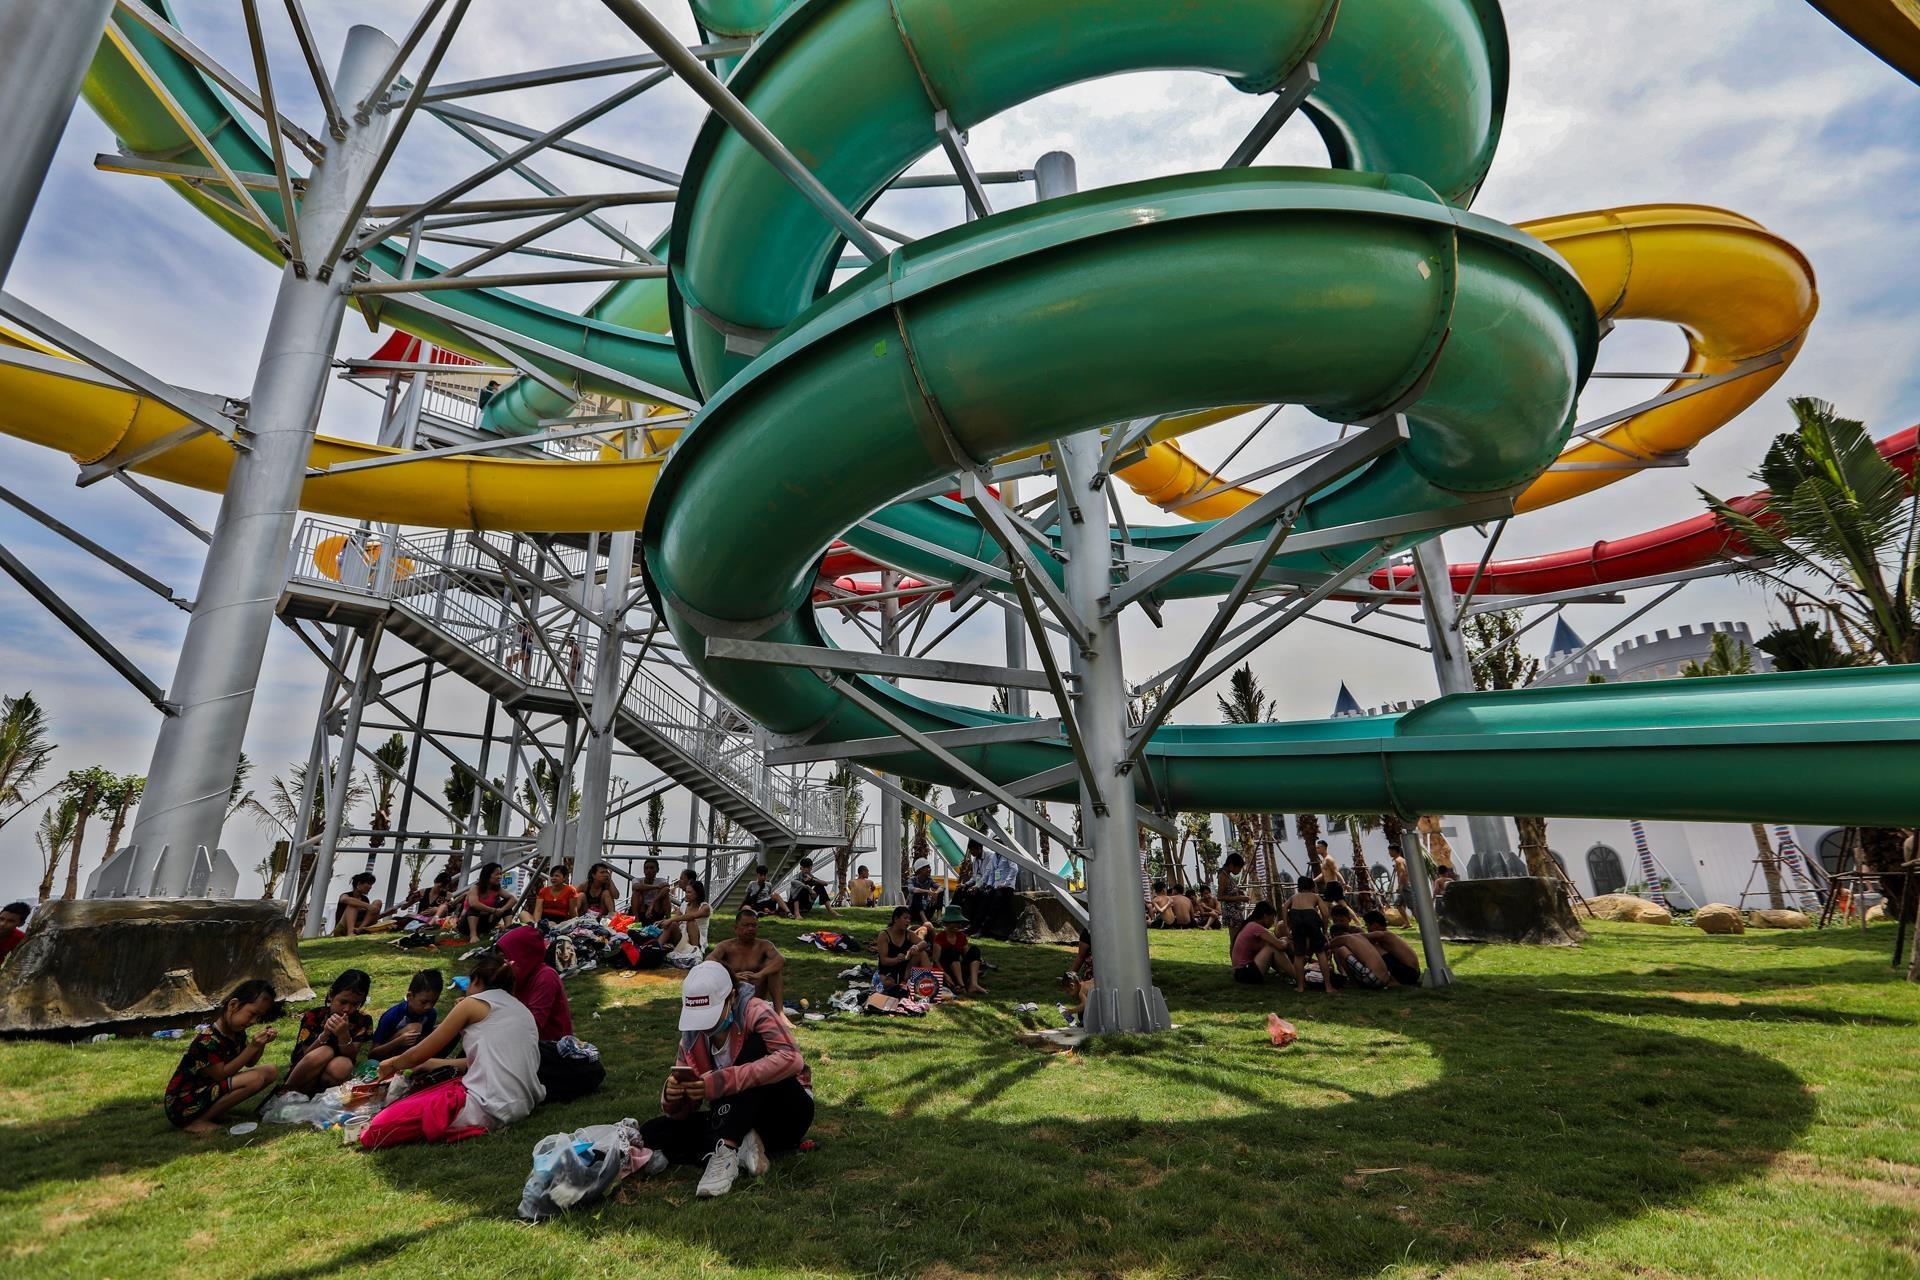 Du khách phải tìm chỗ nghỉ ngơi tránh nắng dưới bóng mát của những máng trượt khổng lồ.